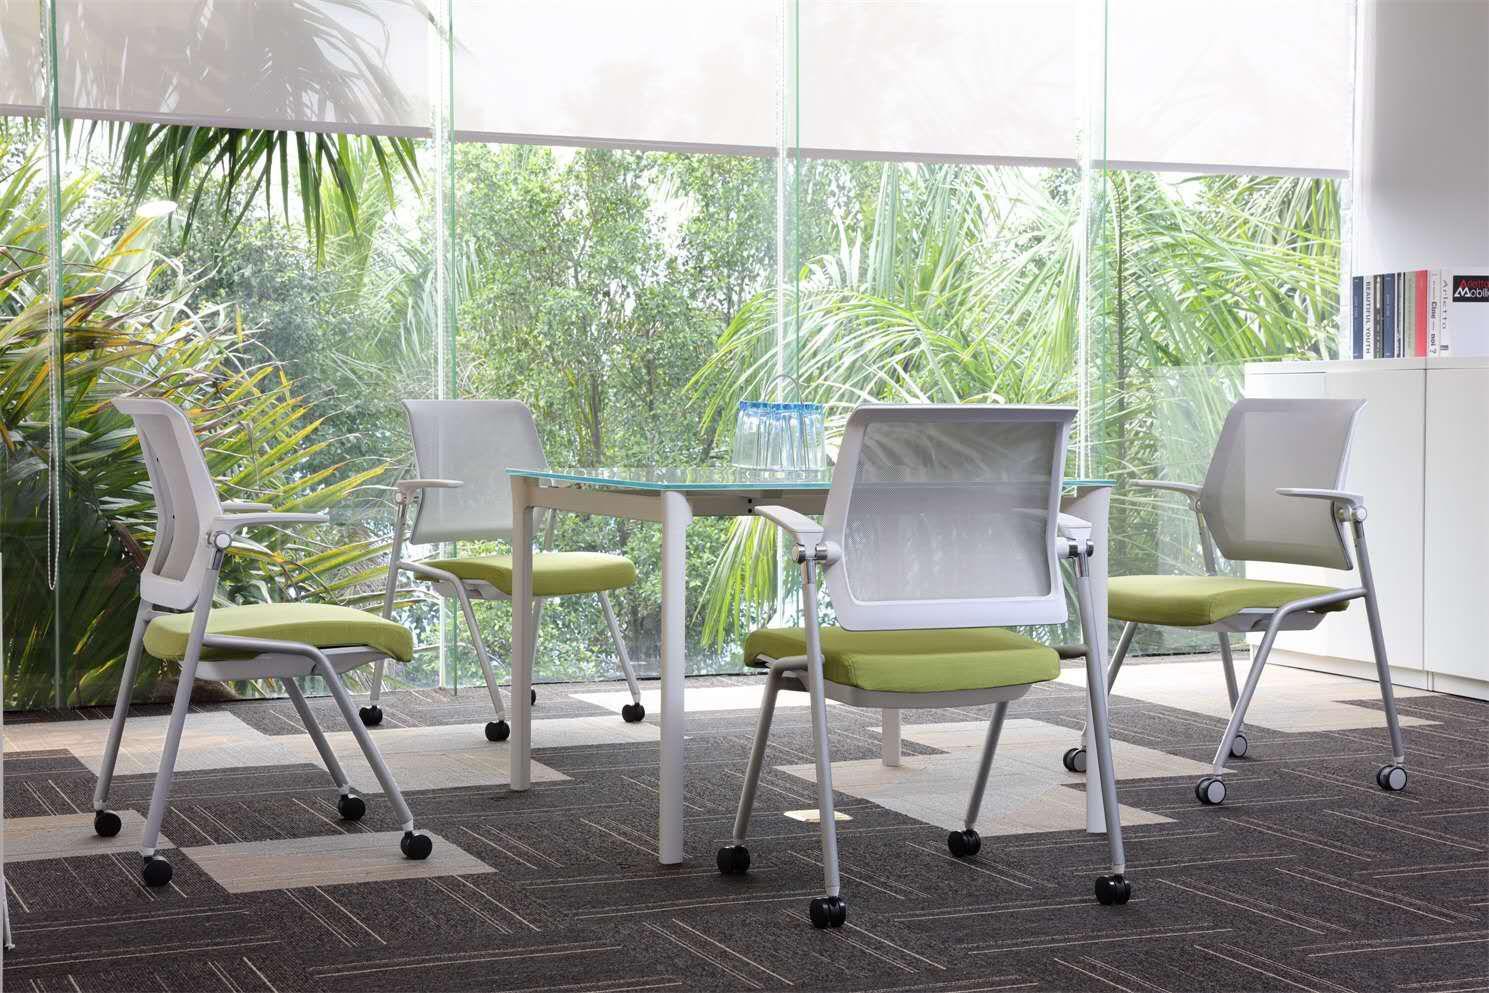 Arti meeting room 1.jpg